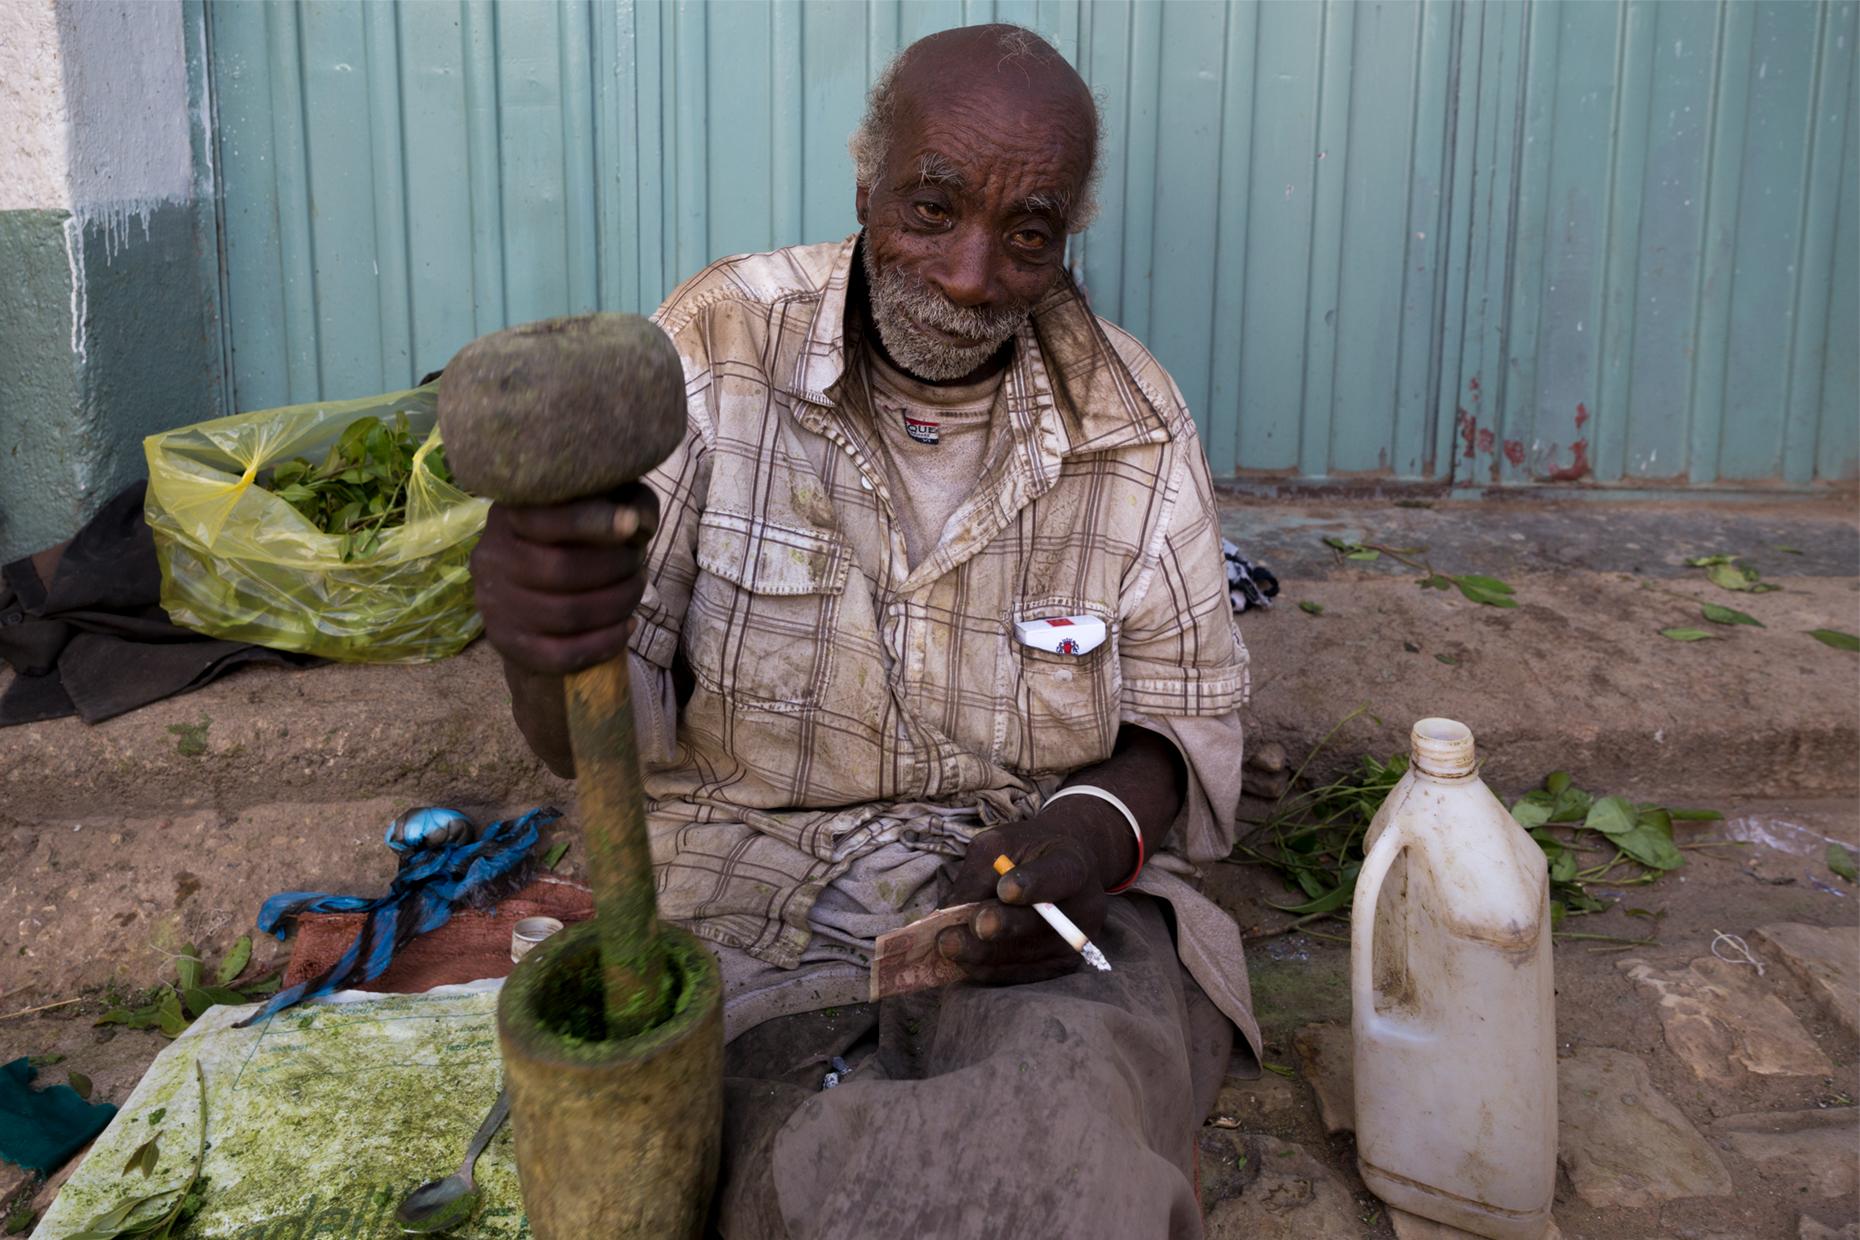 khat ethiopia harar consumer